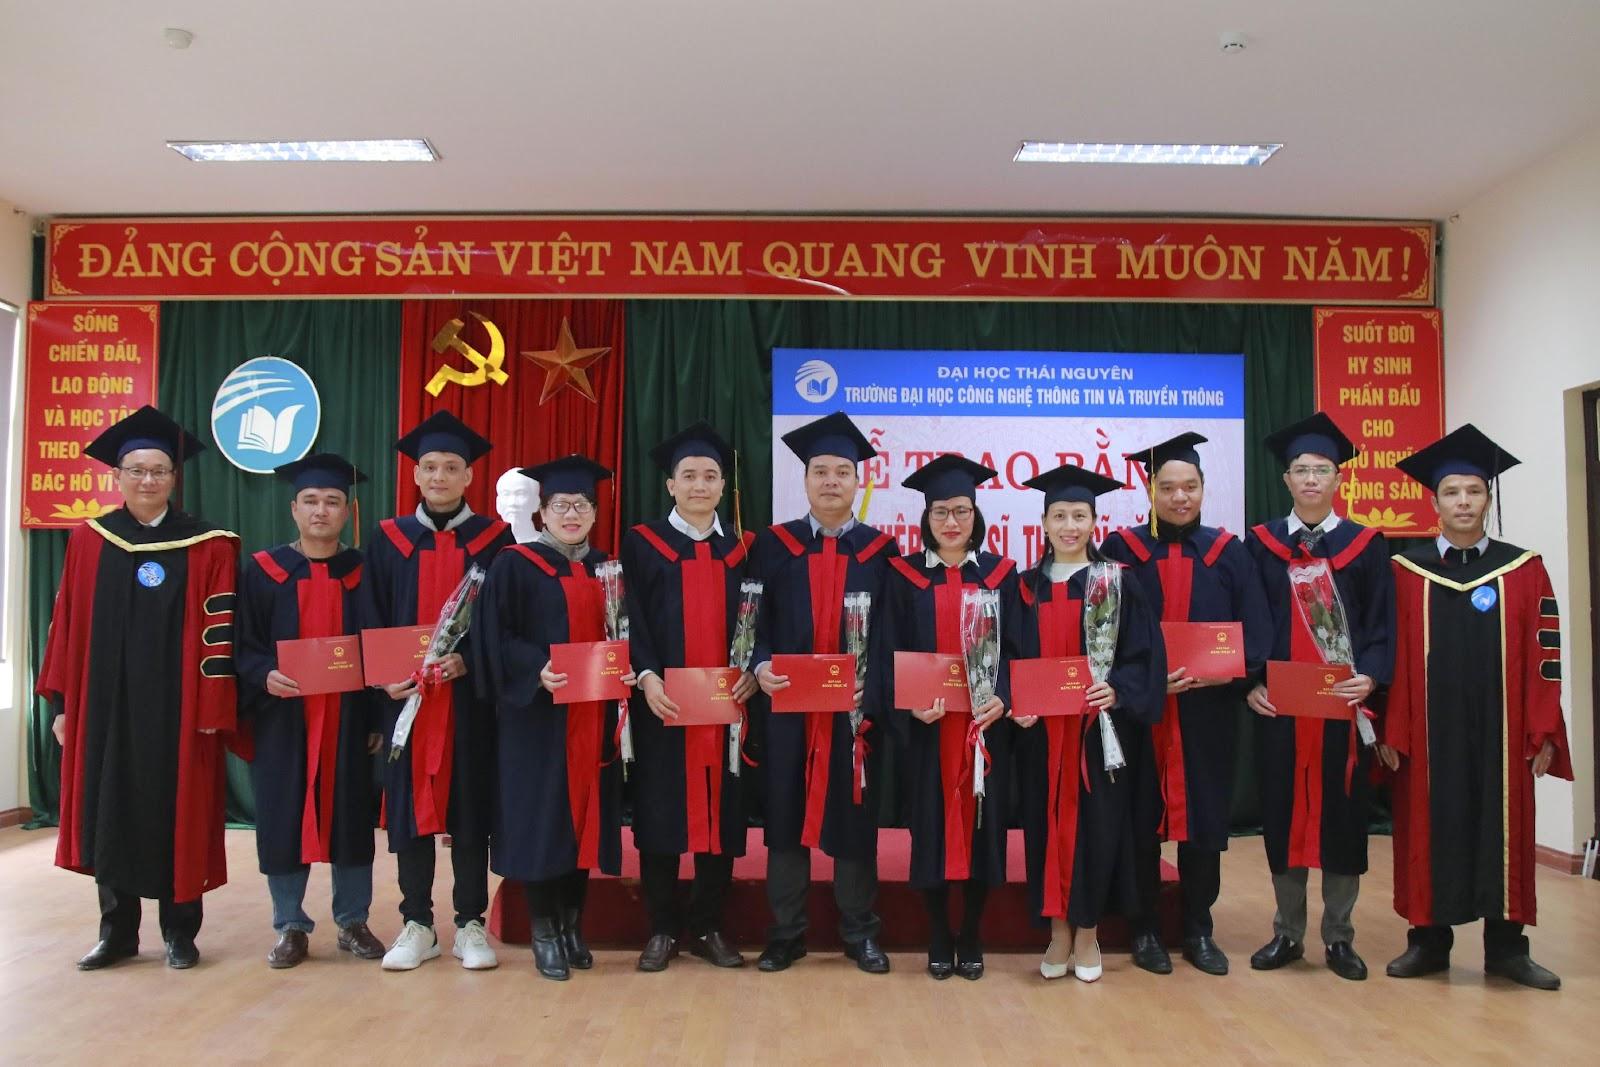 Các Tân thạc sĩ nhận hoa và bằng tốt nghiệp